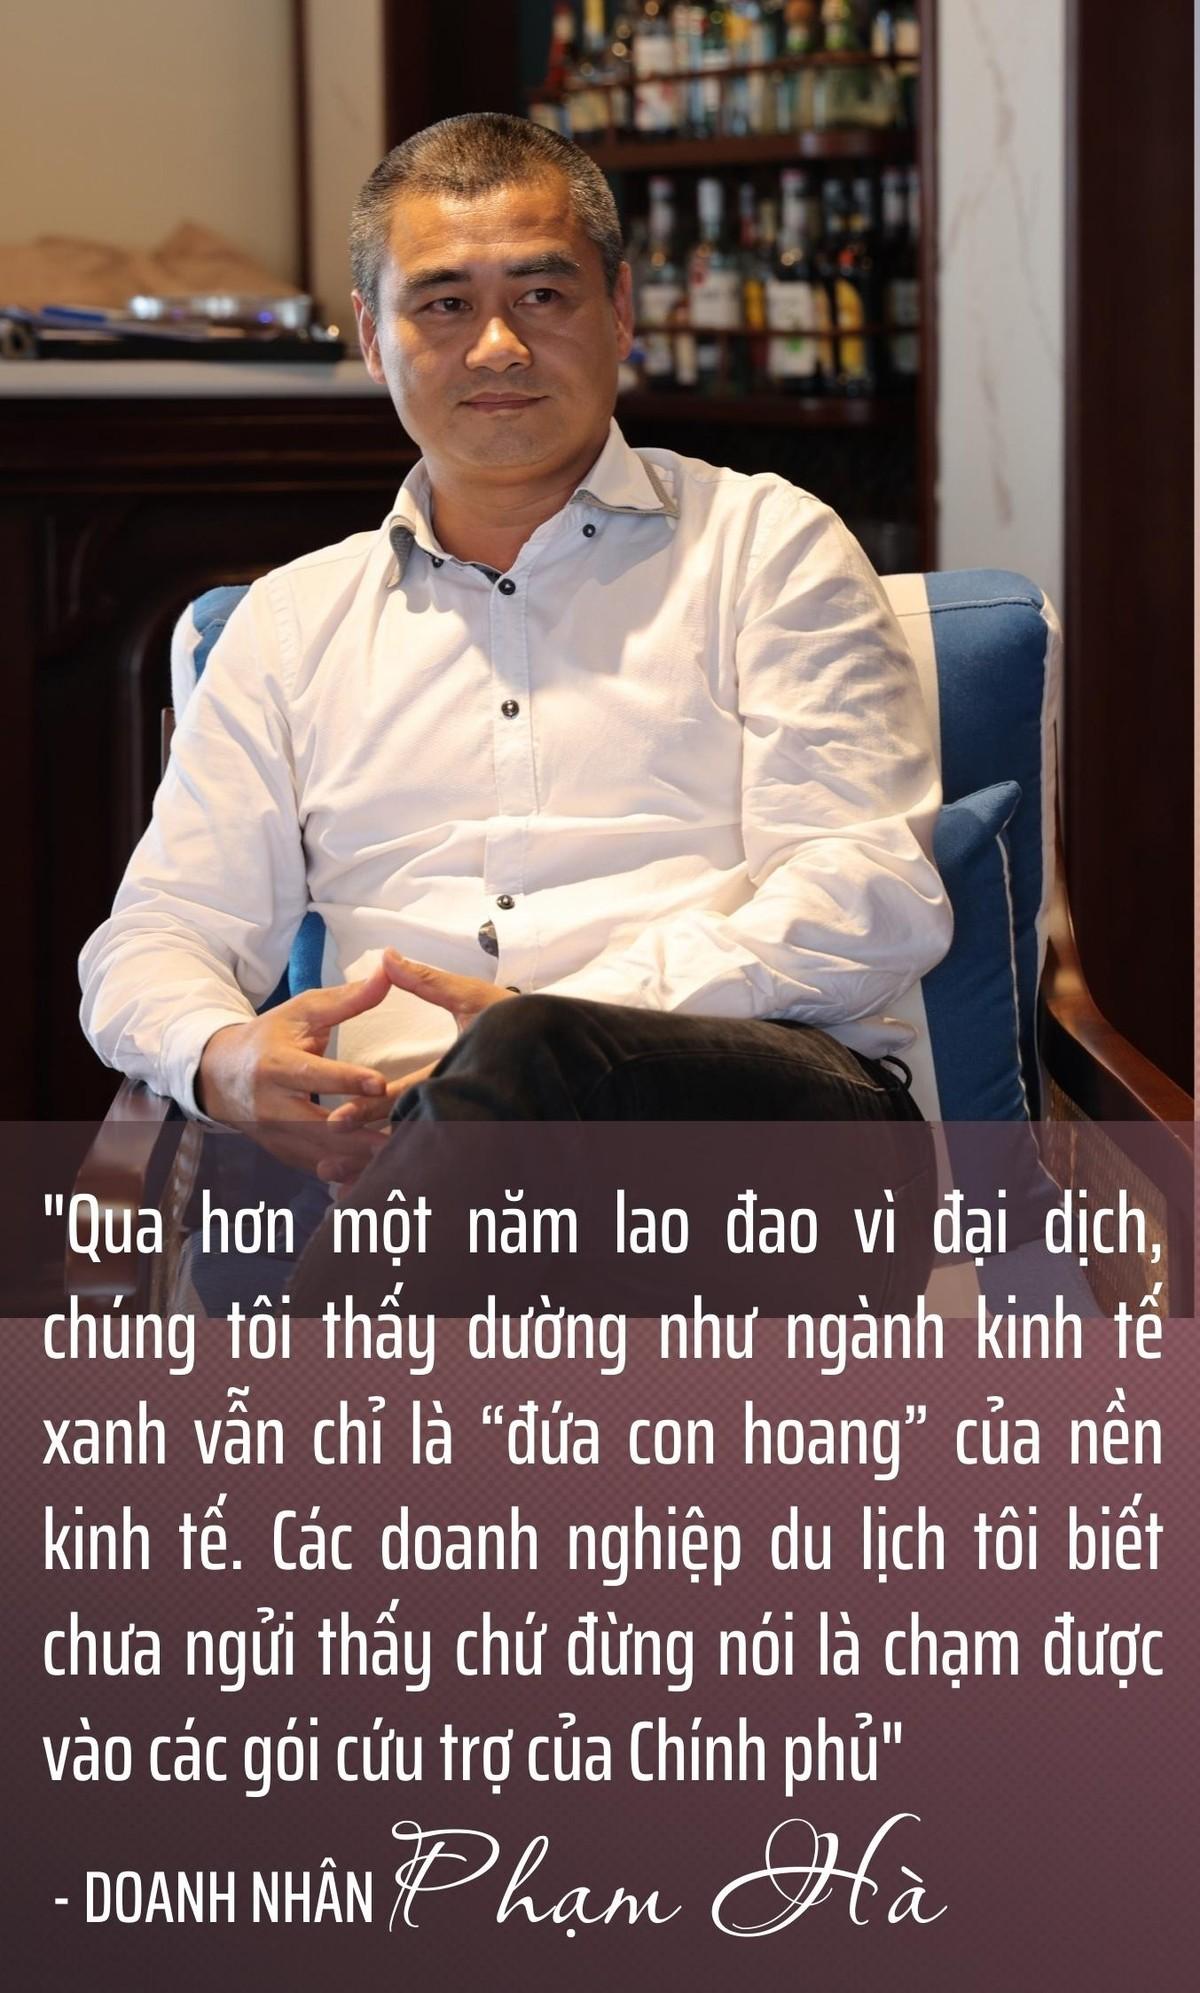 Chủ tịch Lux Group Phạm Hà: Chúng ta không thể thay đổi hướng gió, nhưng có thể thay đổi cánh buồm ảnh 33